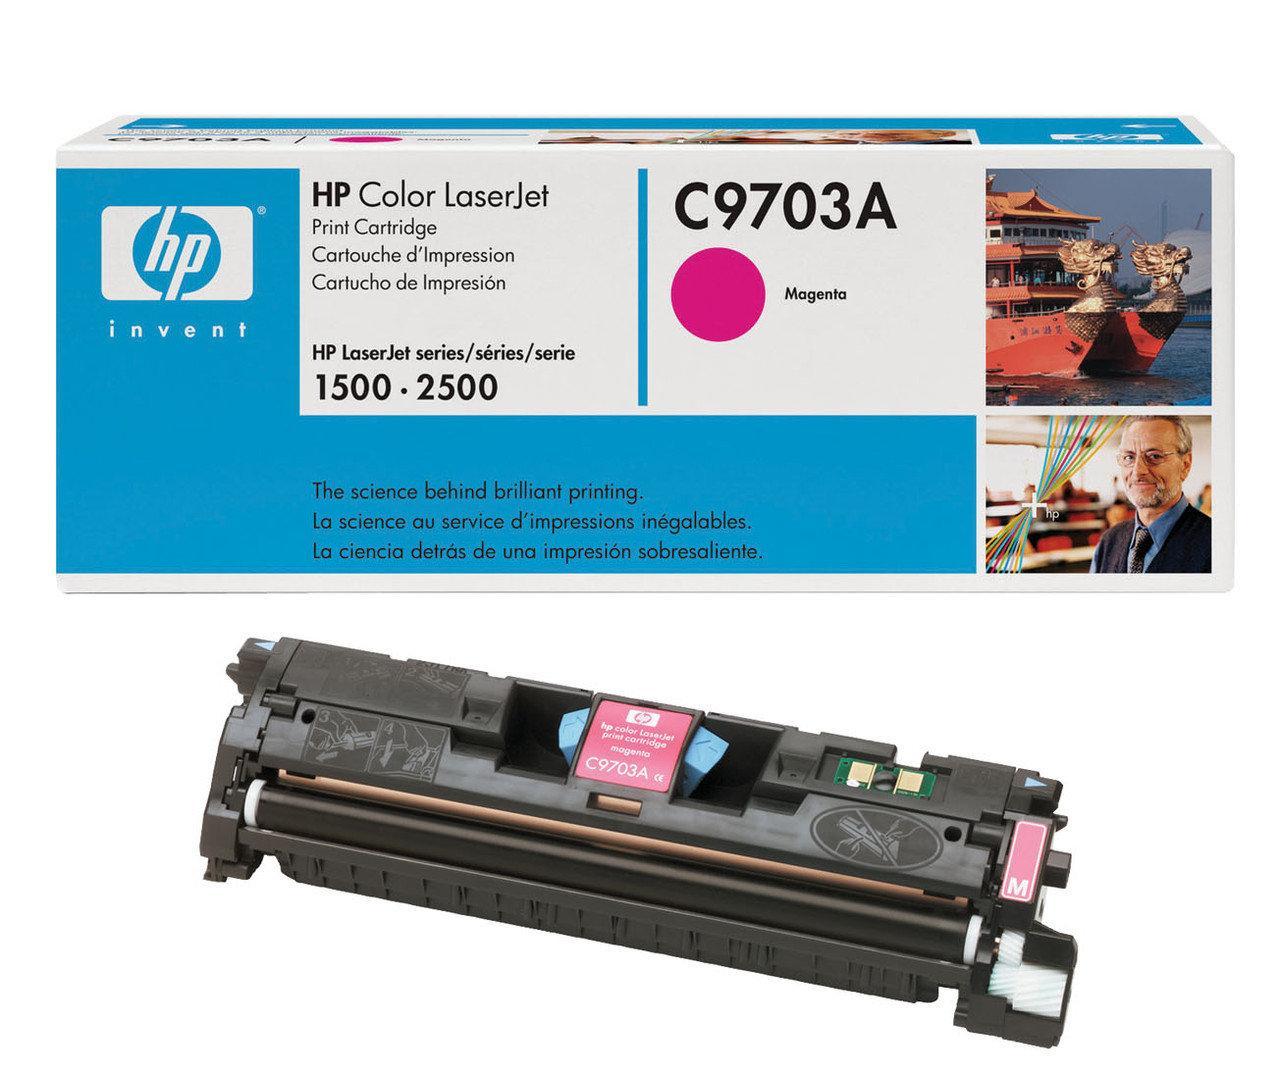 HP C9703A Toner Cartridge